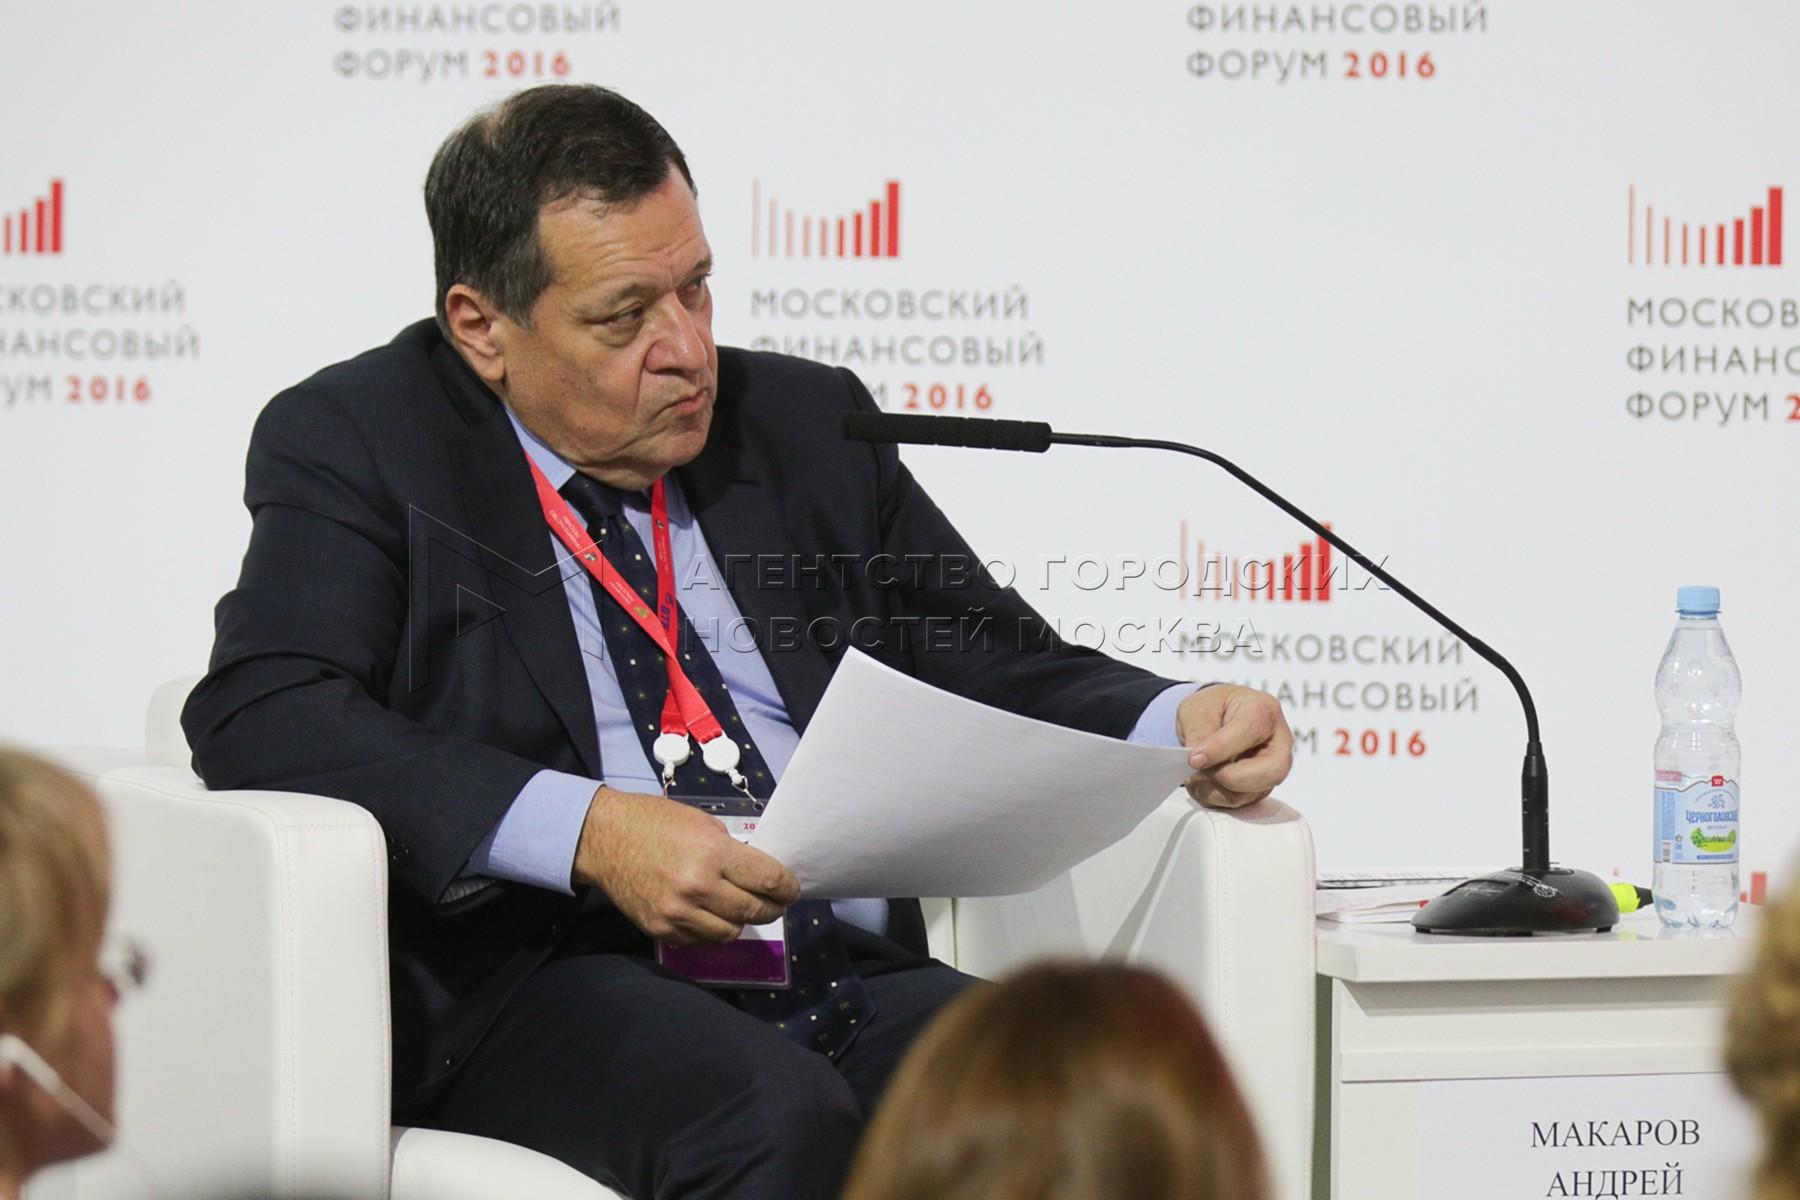 Председатель комитета Государственной думы РФ по бюджету и налогам Андрей Макаров на пленарном заседании первого Московского финансового форума 2016 в ЦВЗ «Манеж»